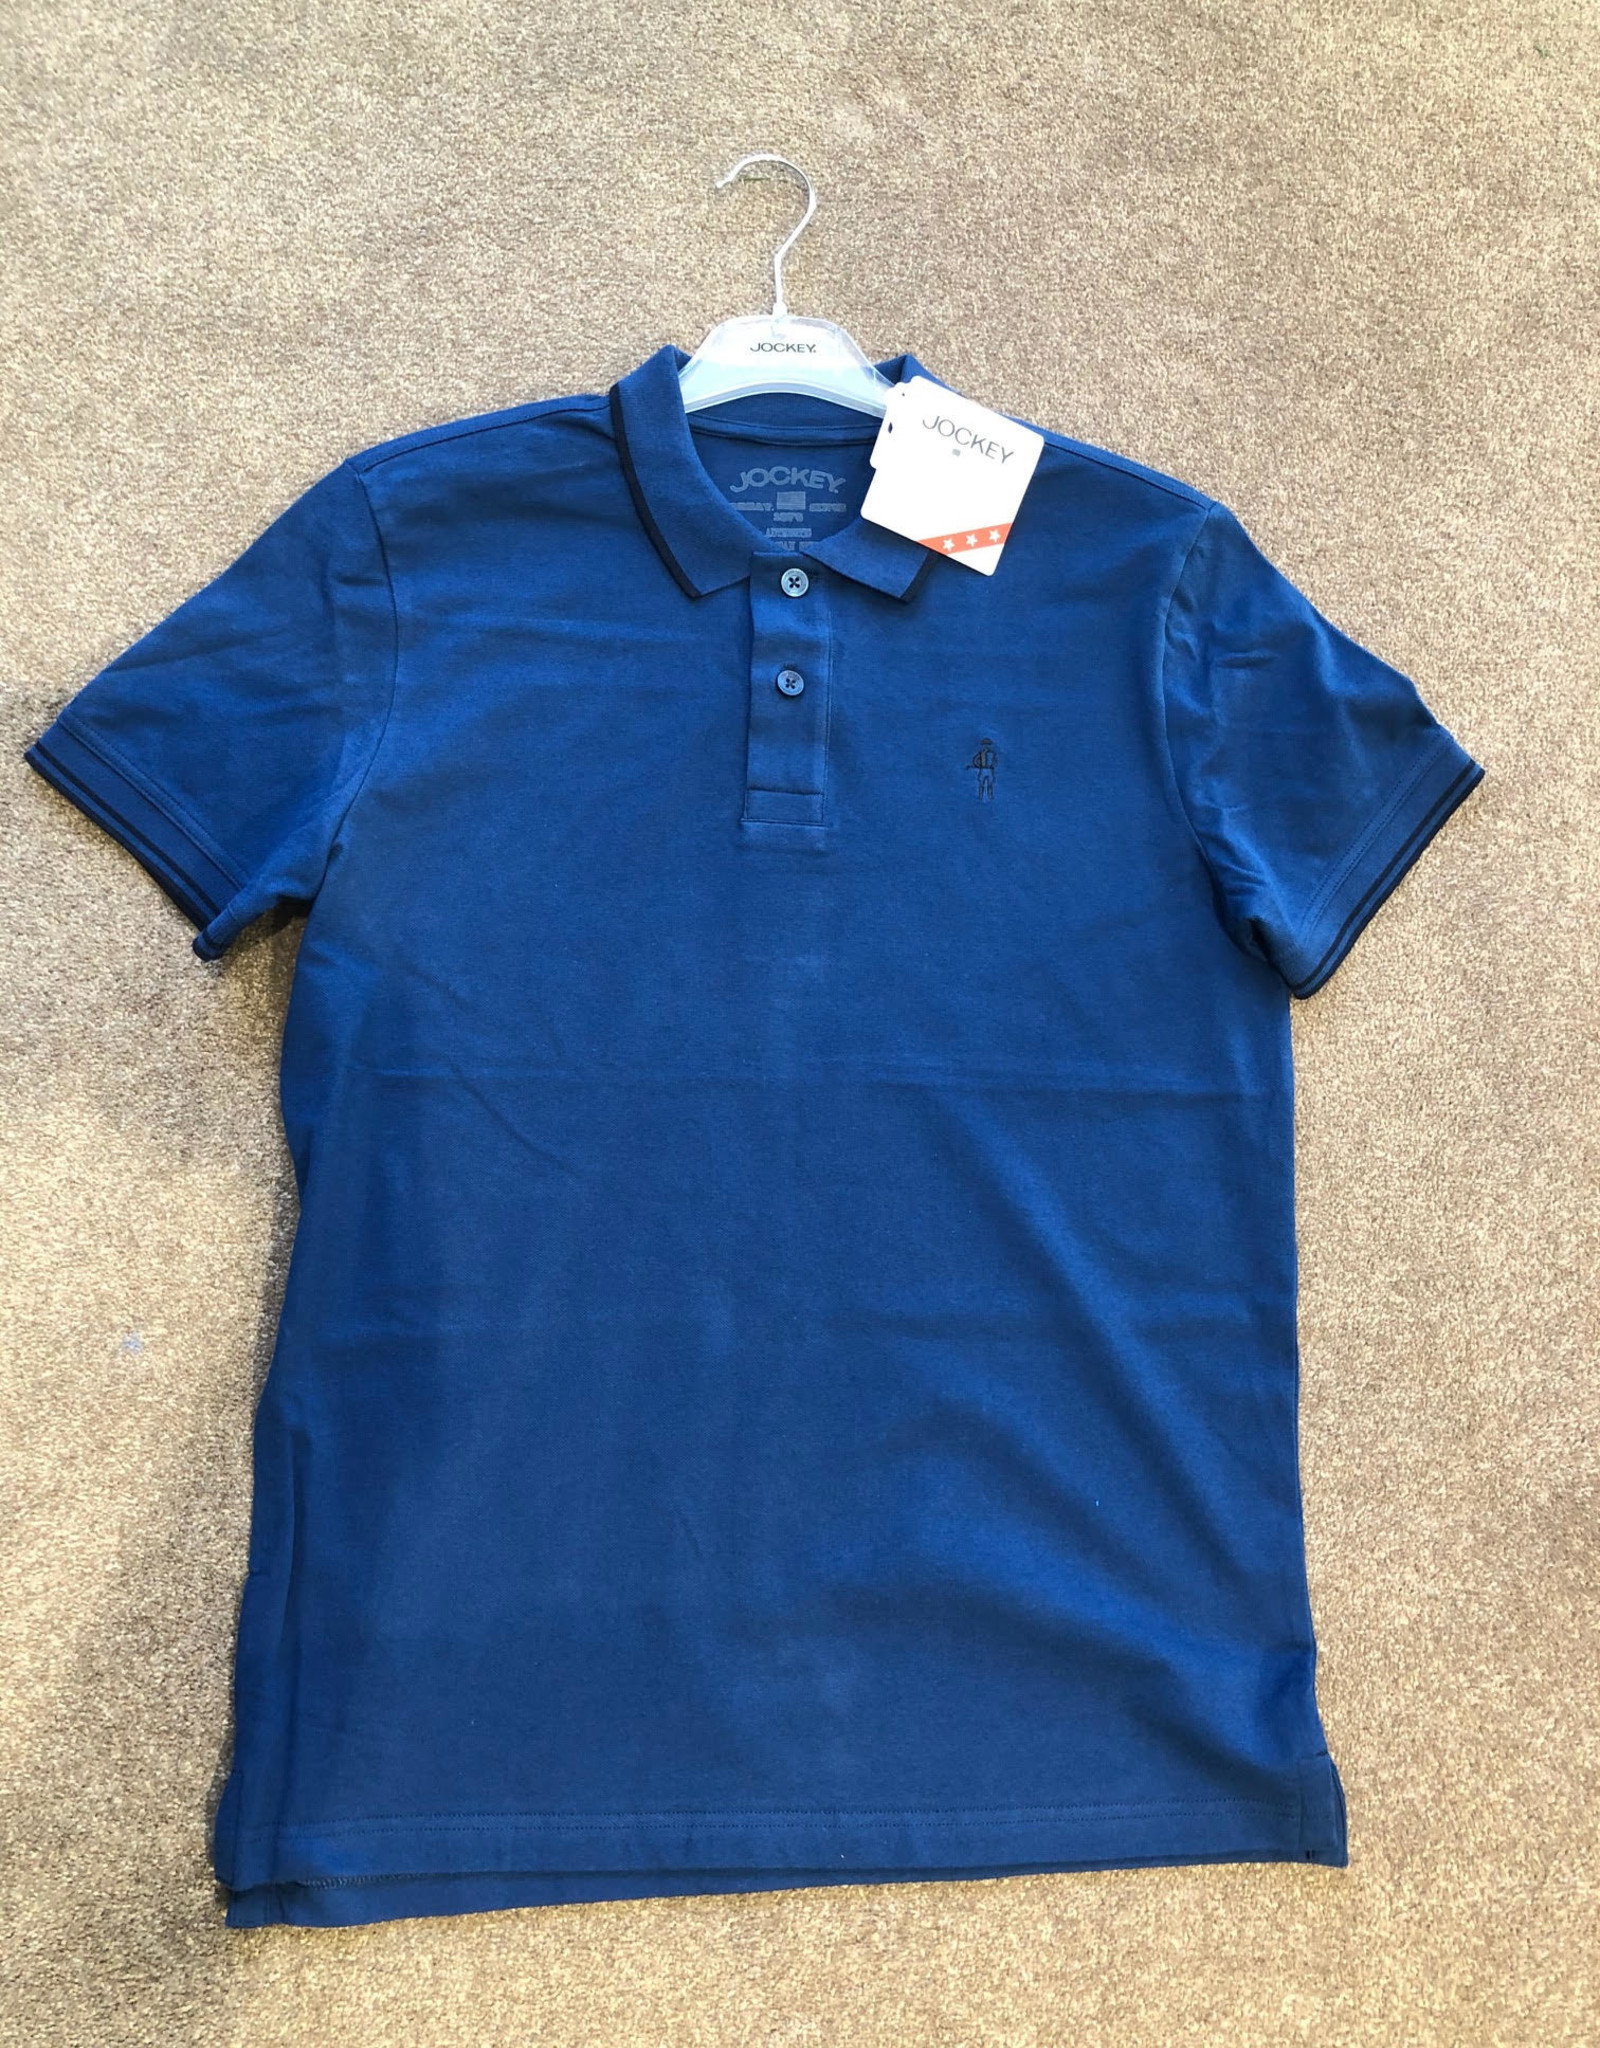 Jockey Jockey Polo Shirts